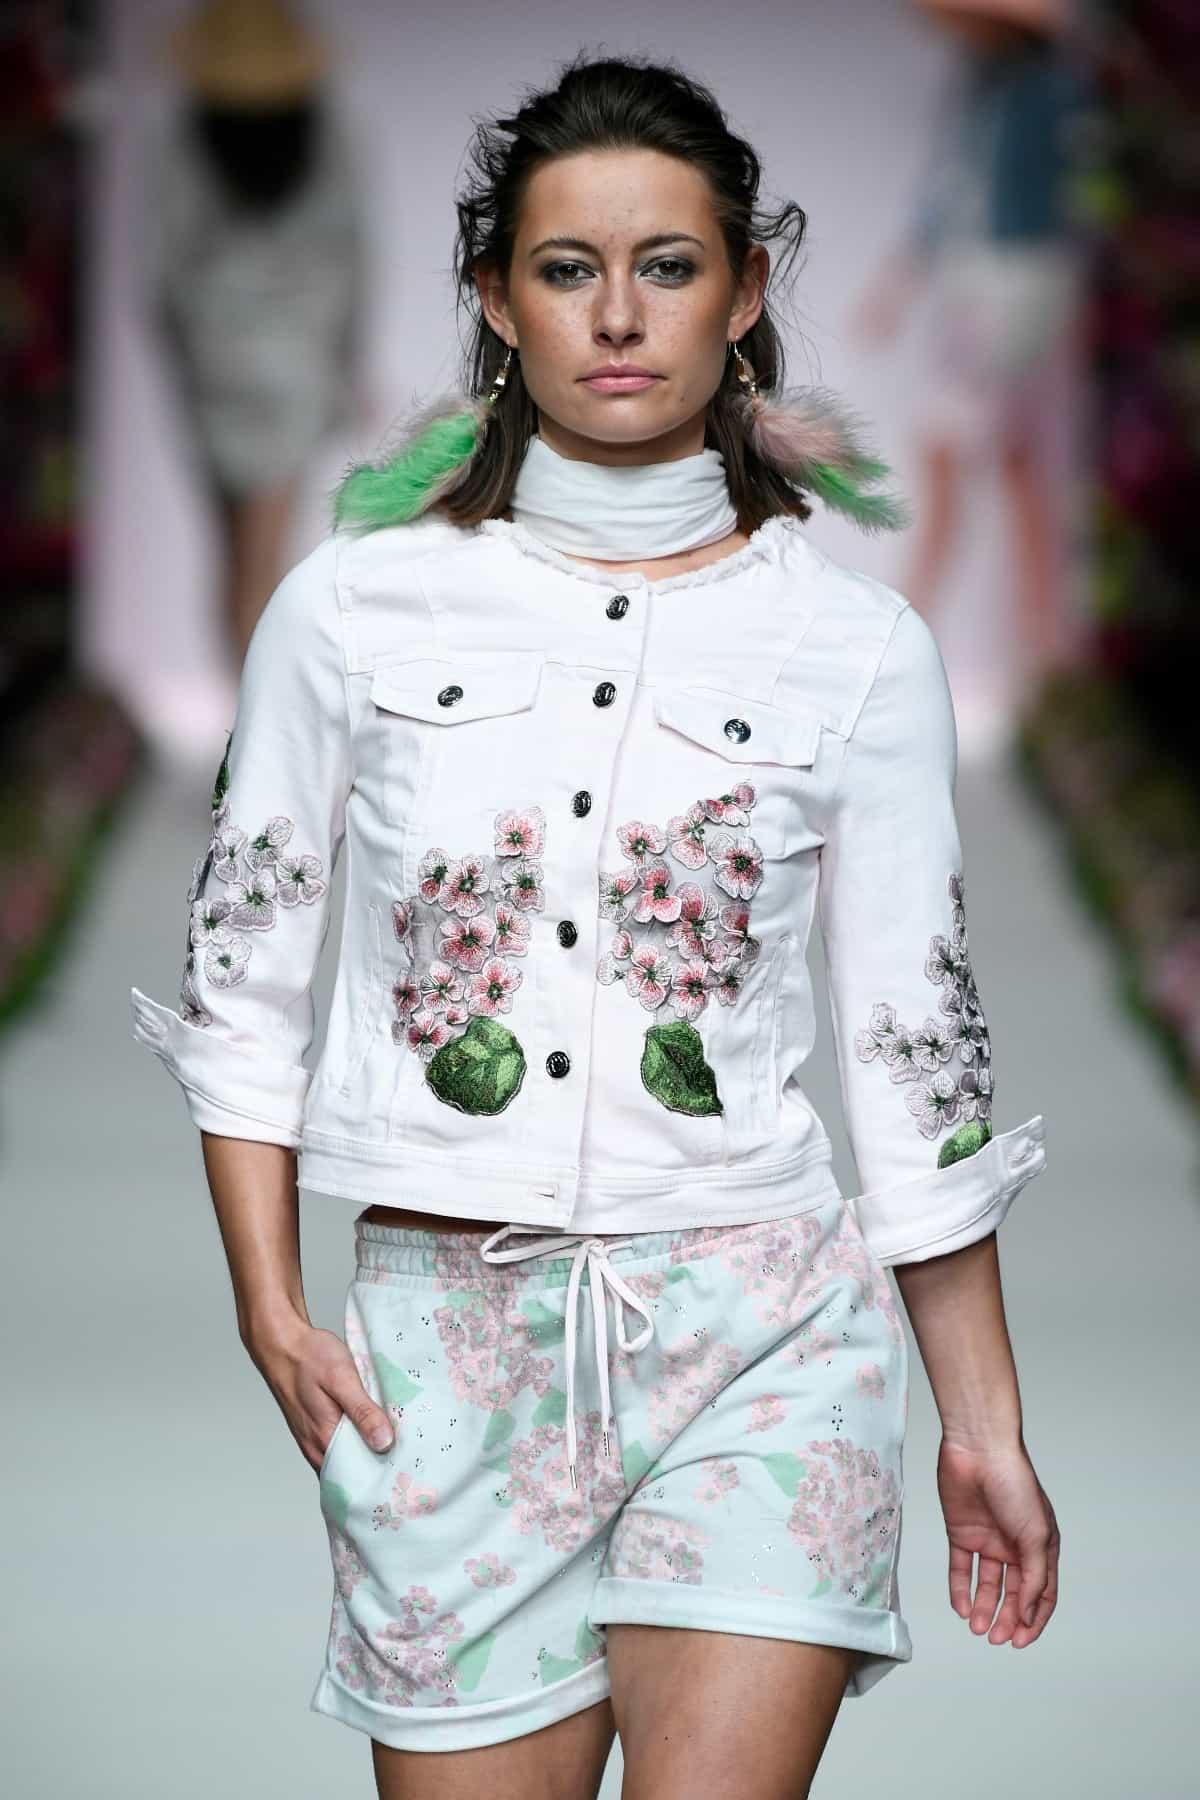 Sportalm Mode Sommer 2020 zur Fashion Week Berlin im Juli 2019 - 3